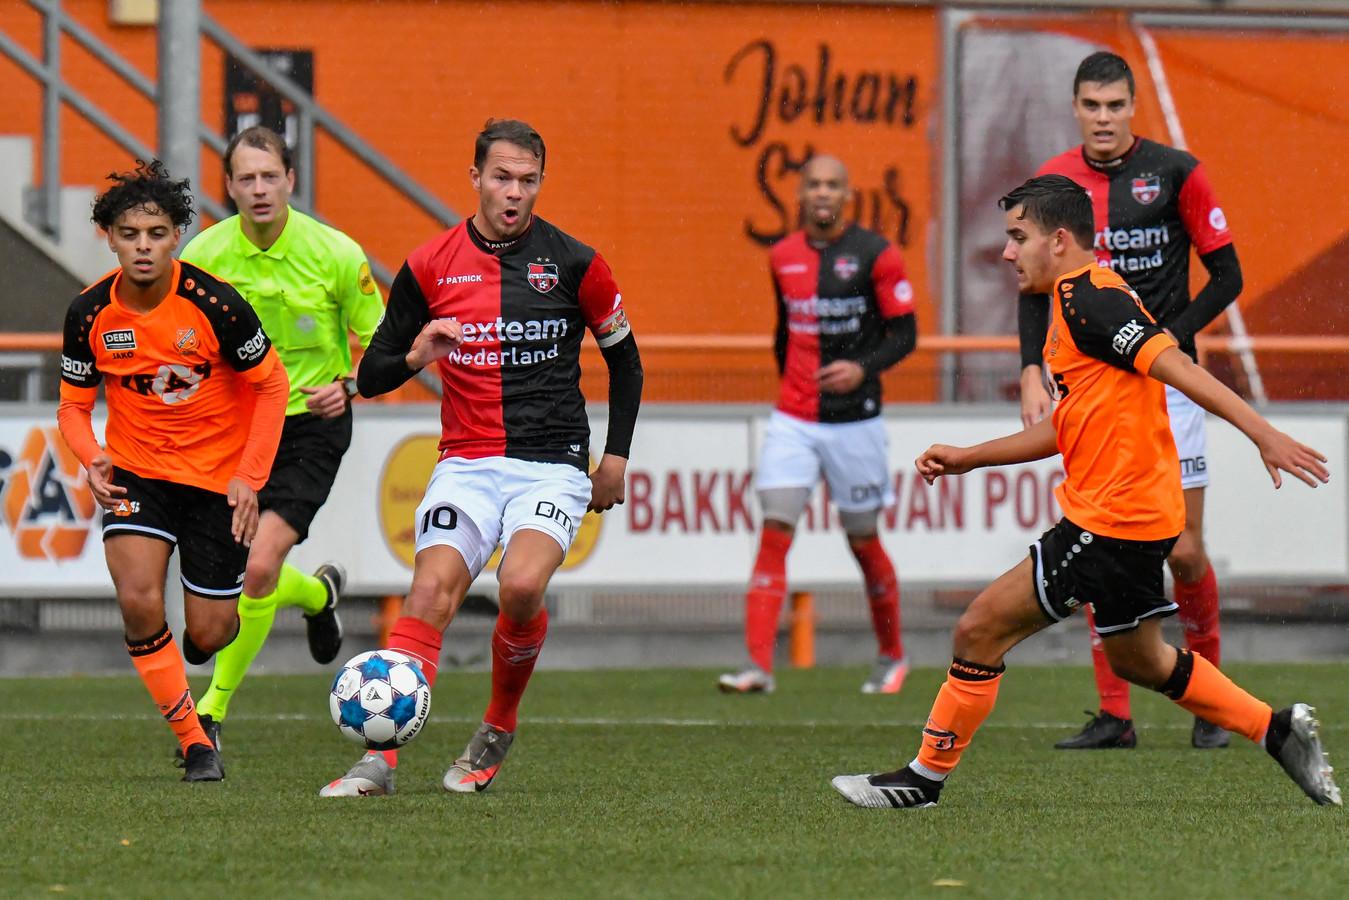 Voetbalt tweededivisionist De Treffers medio januari weer?